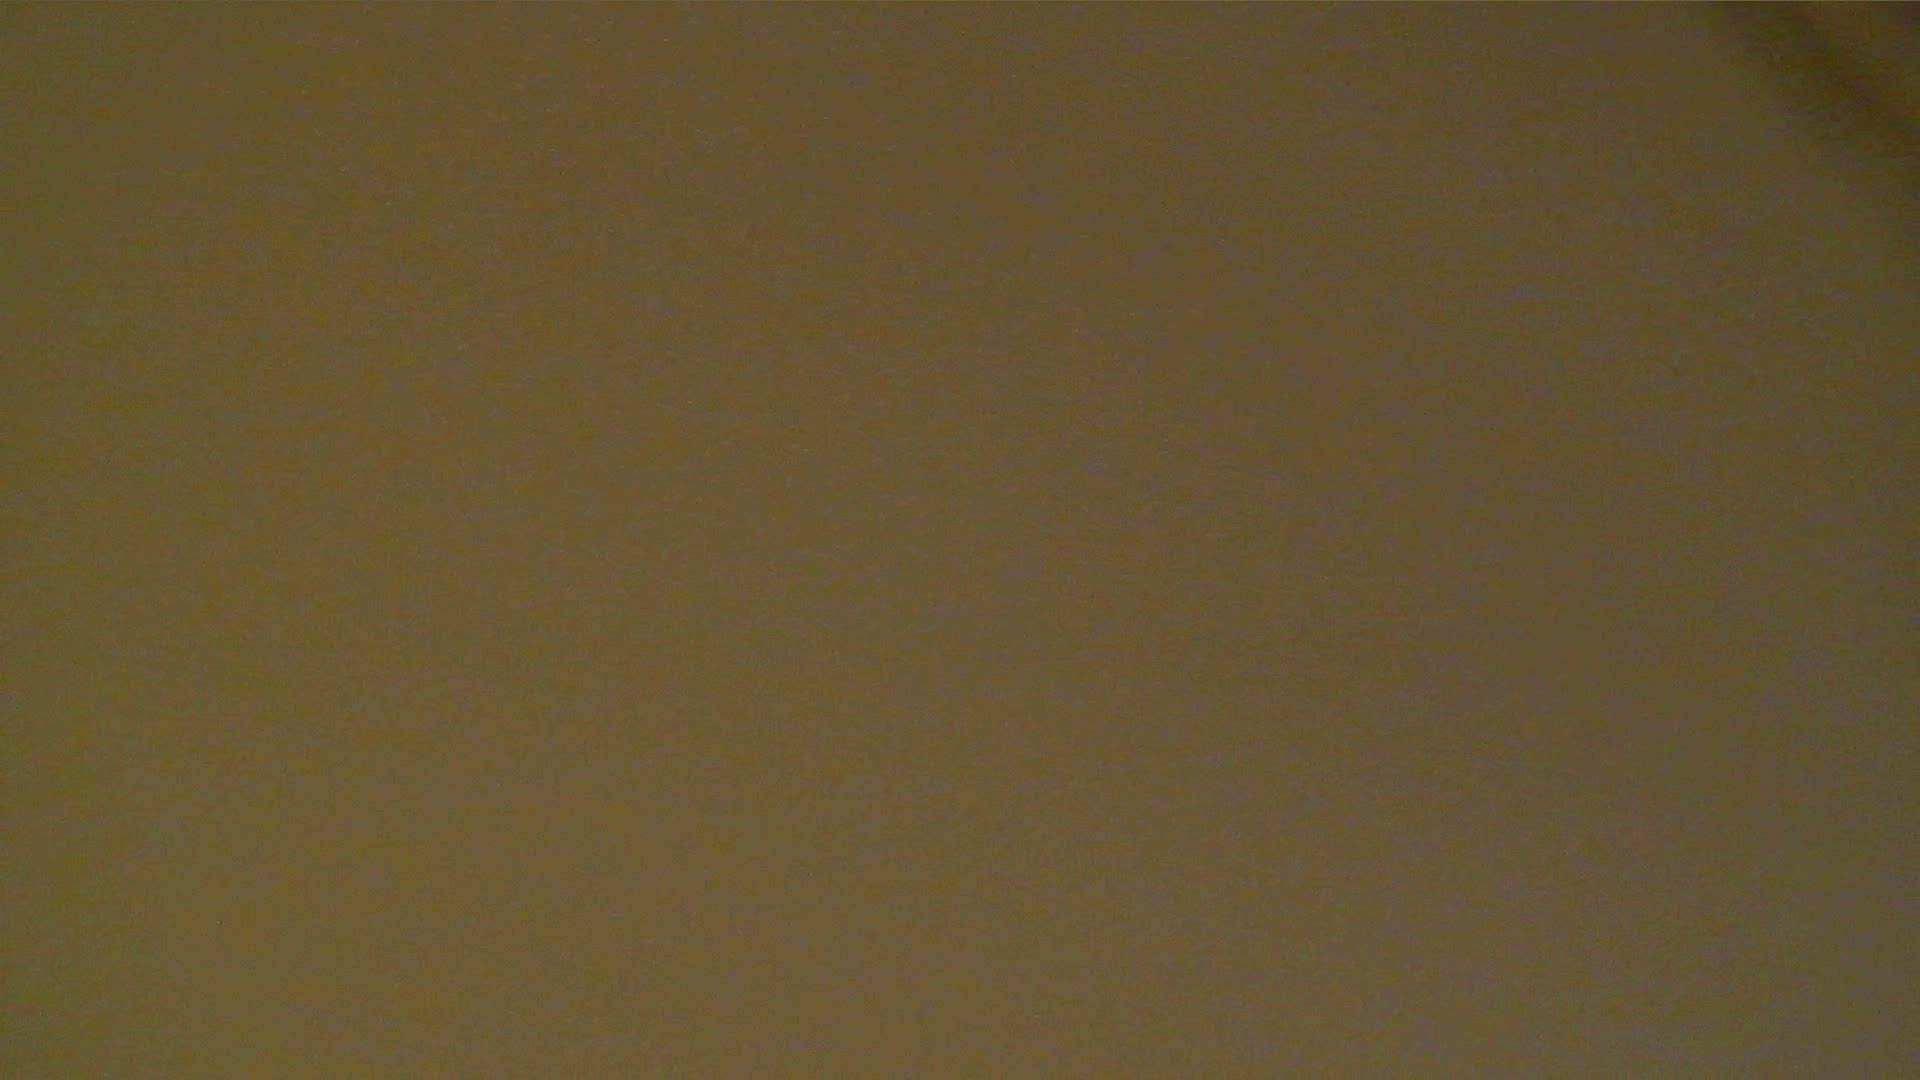 洗寿観音さんの 化粧室は四面楚歌Nol.6 洗面所  93pic 48